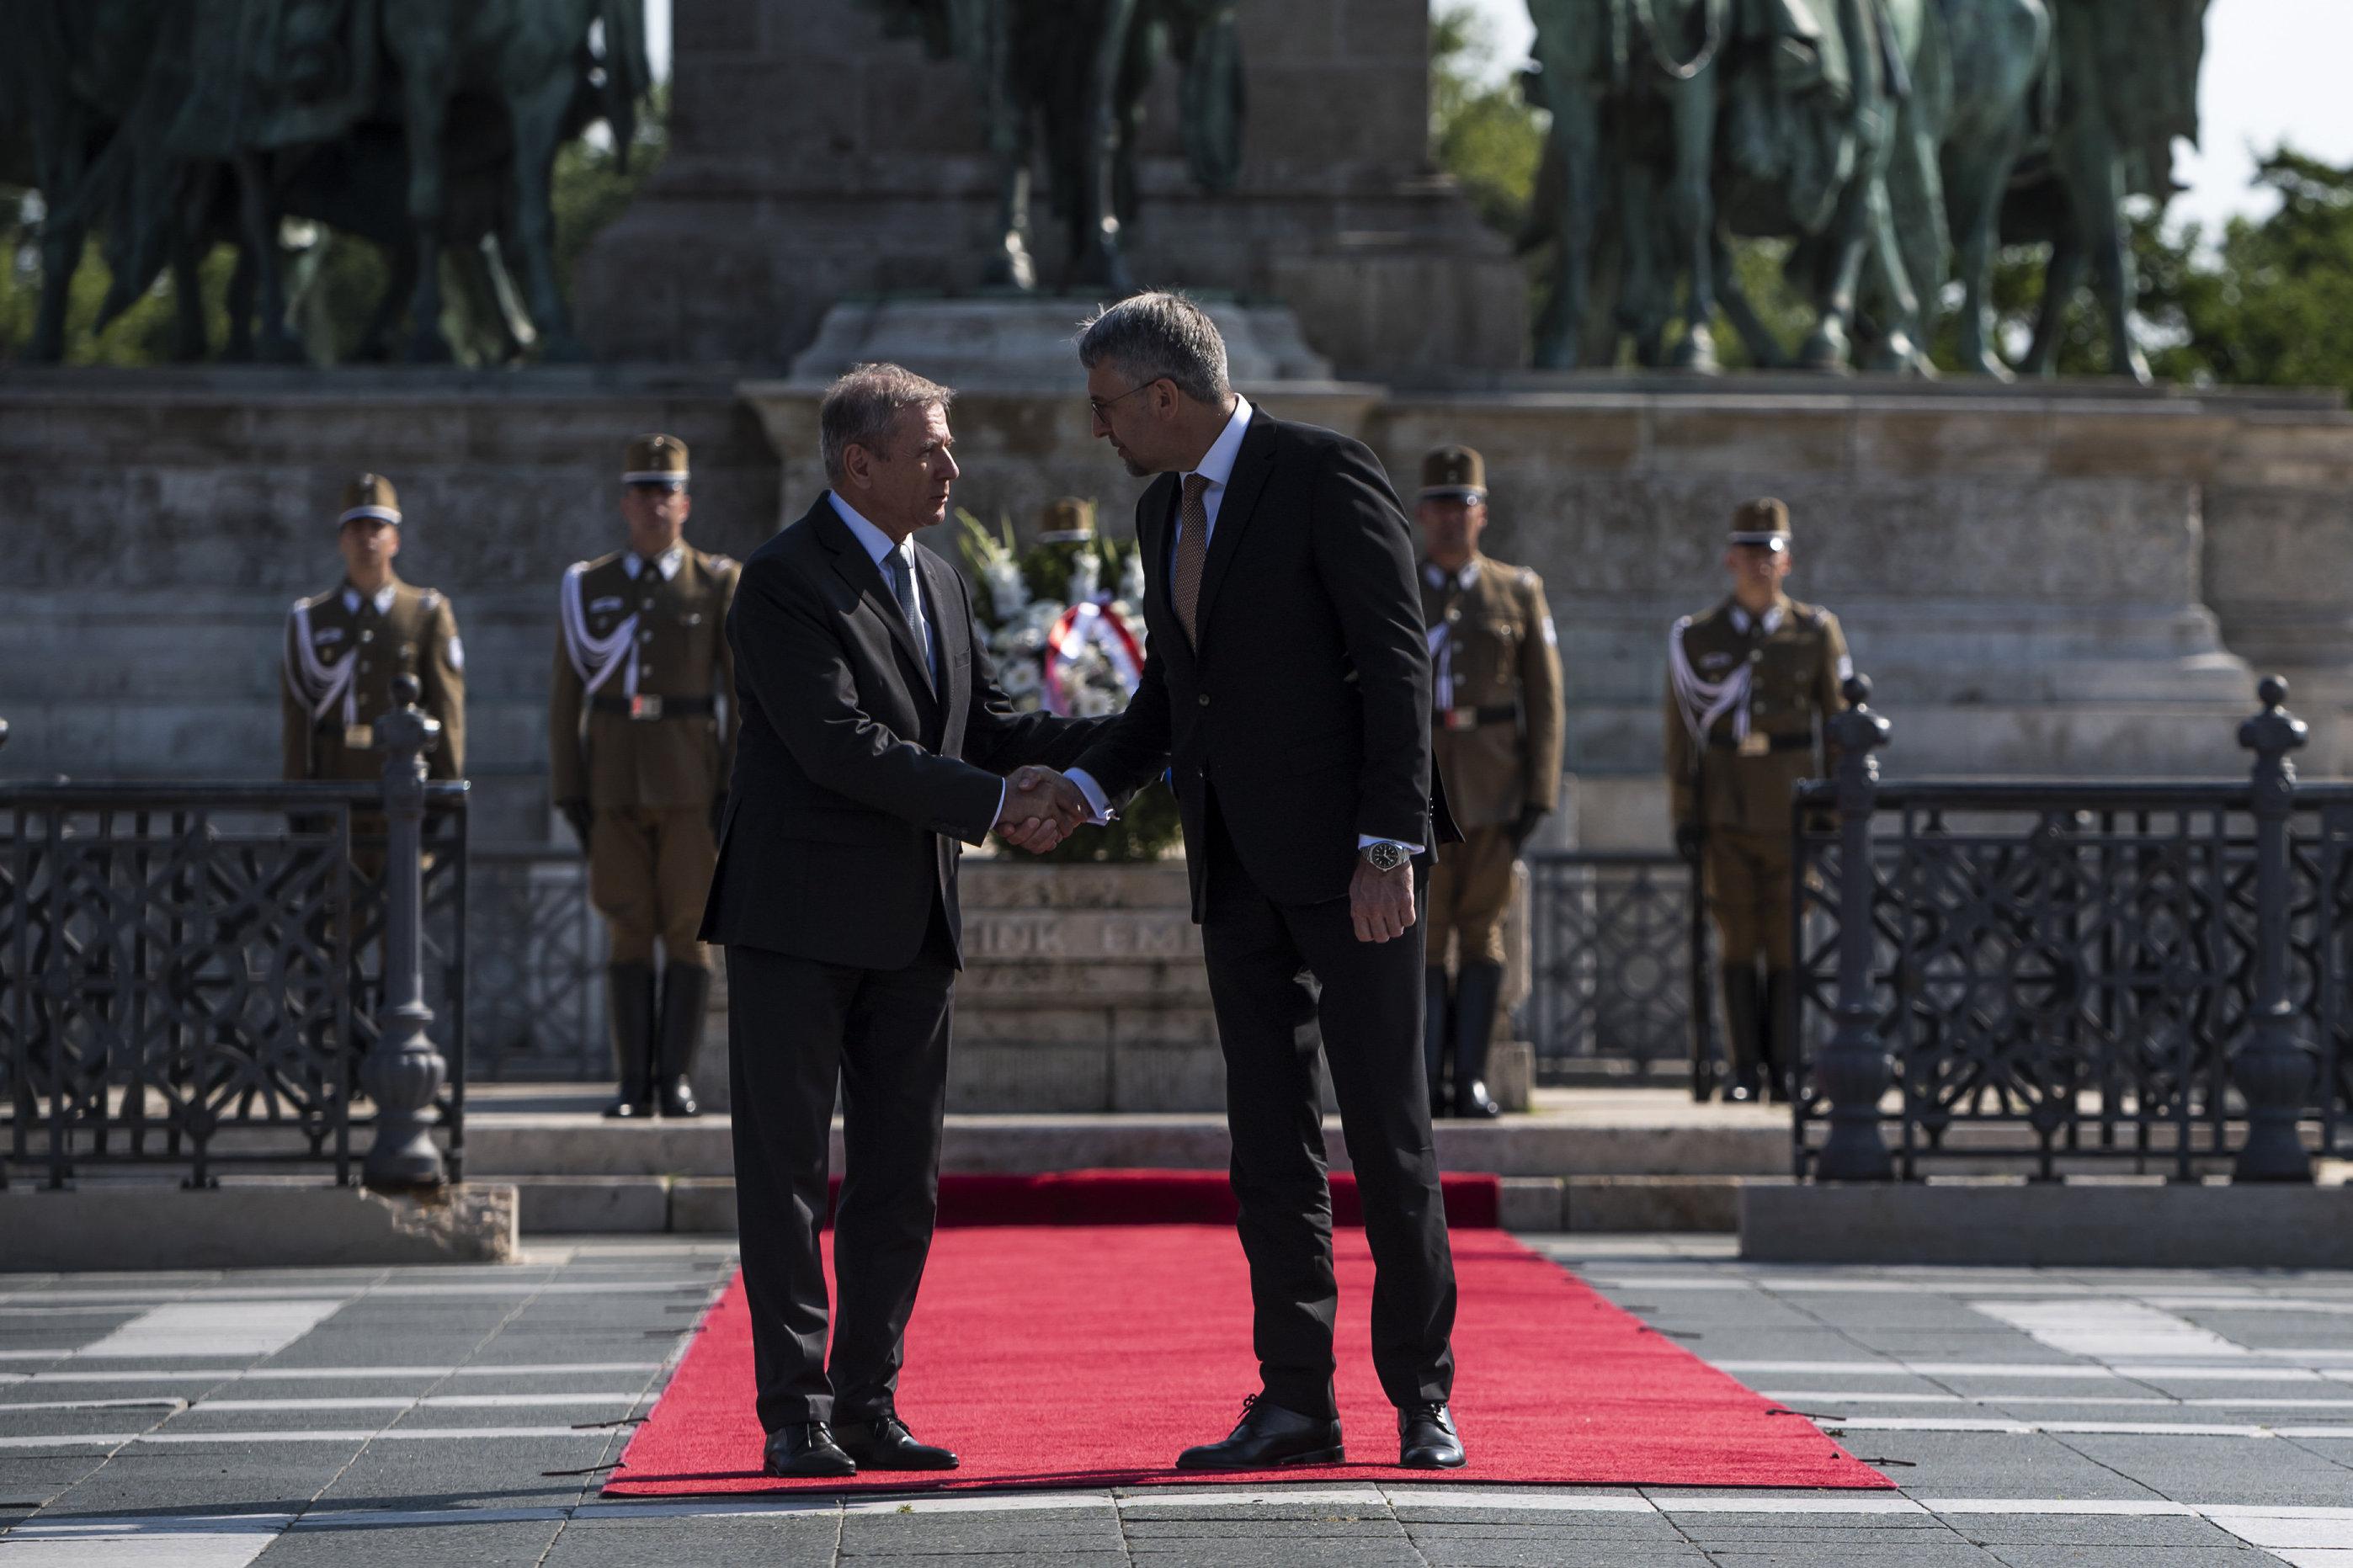 fd09c98c1ee8 Cseh-magyar védelmi együttműködésről tárgyaltak Budapesten